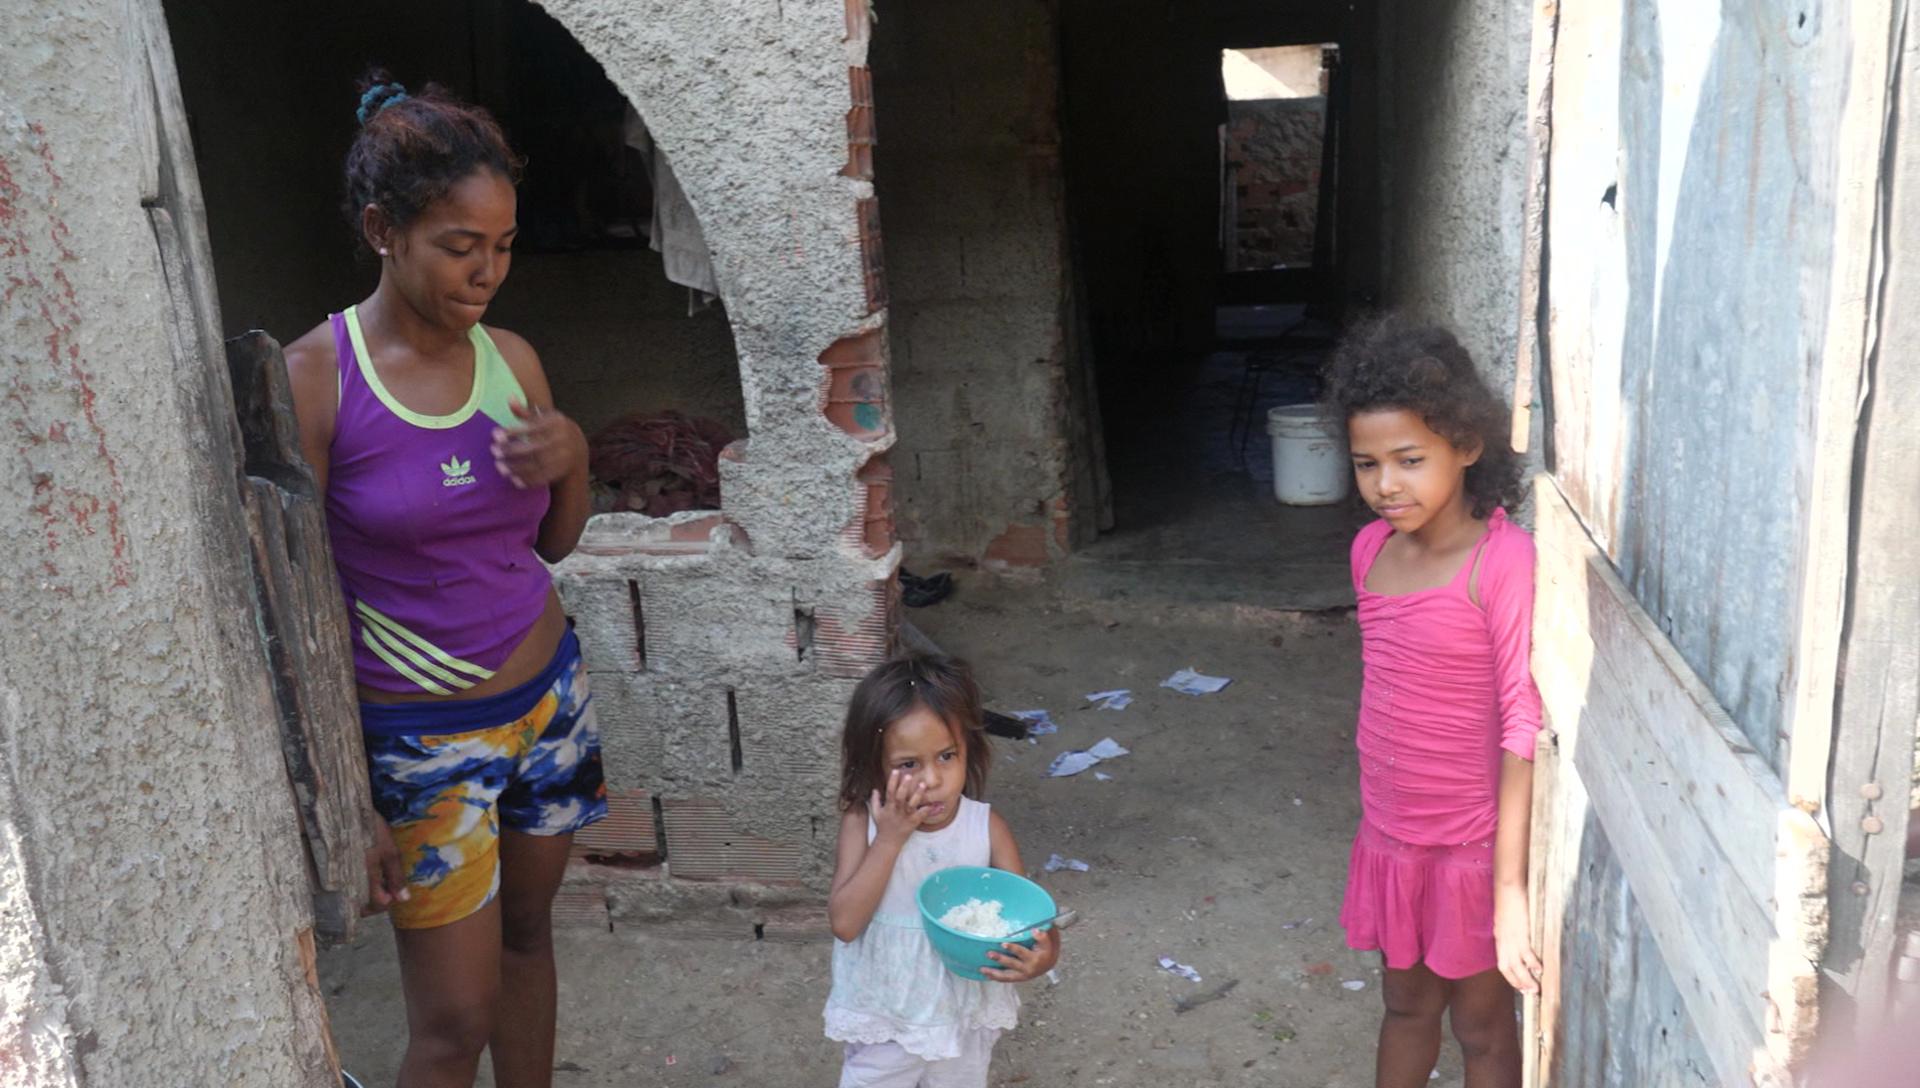 La familia Dias nos dio la bienvenida en su casa, el día en que Jennifer pudo comer arroz por primera vez en una semana.